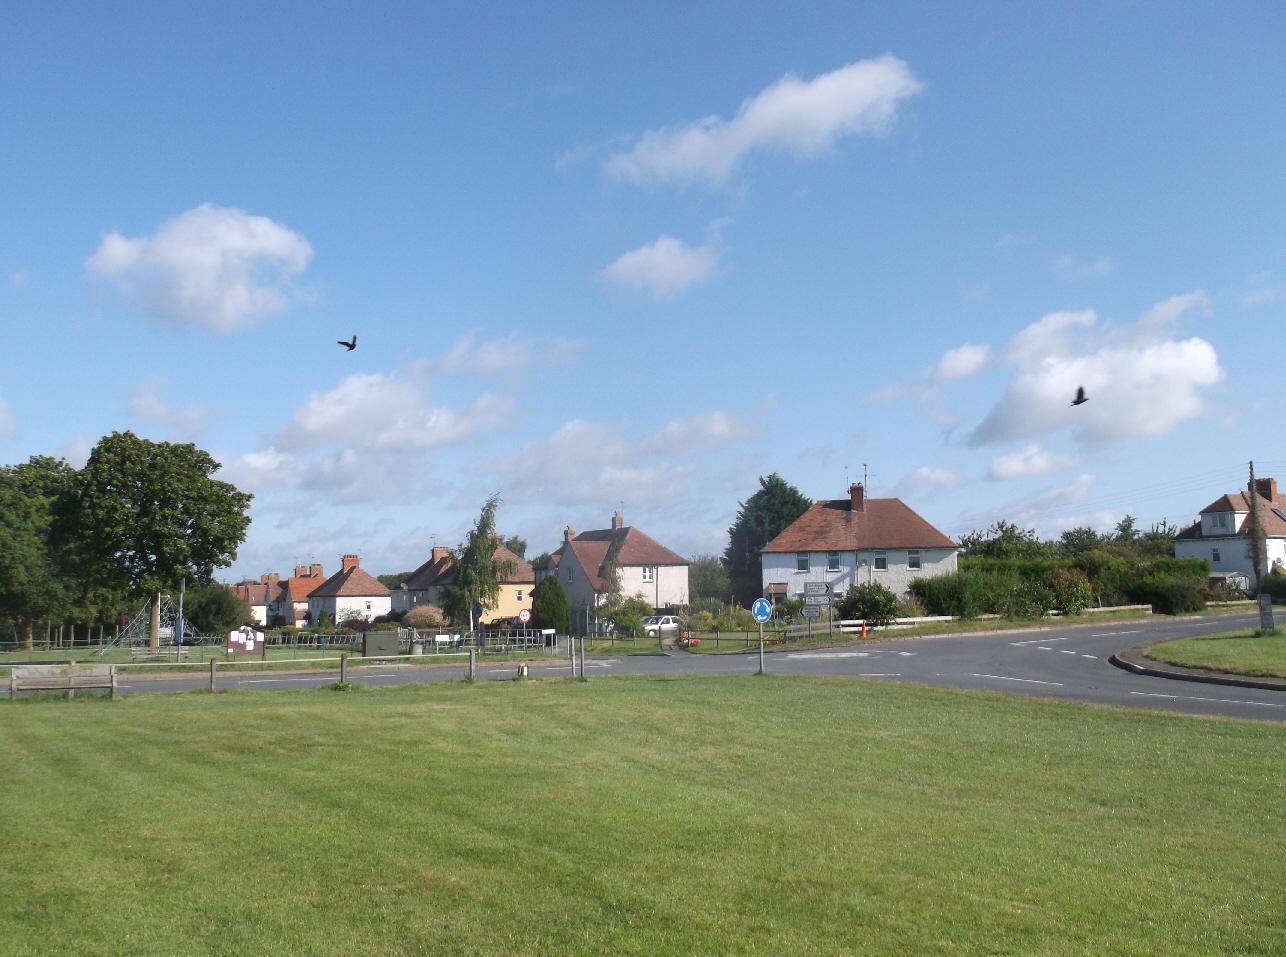 Willersey Recreation Ground